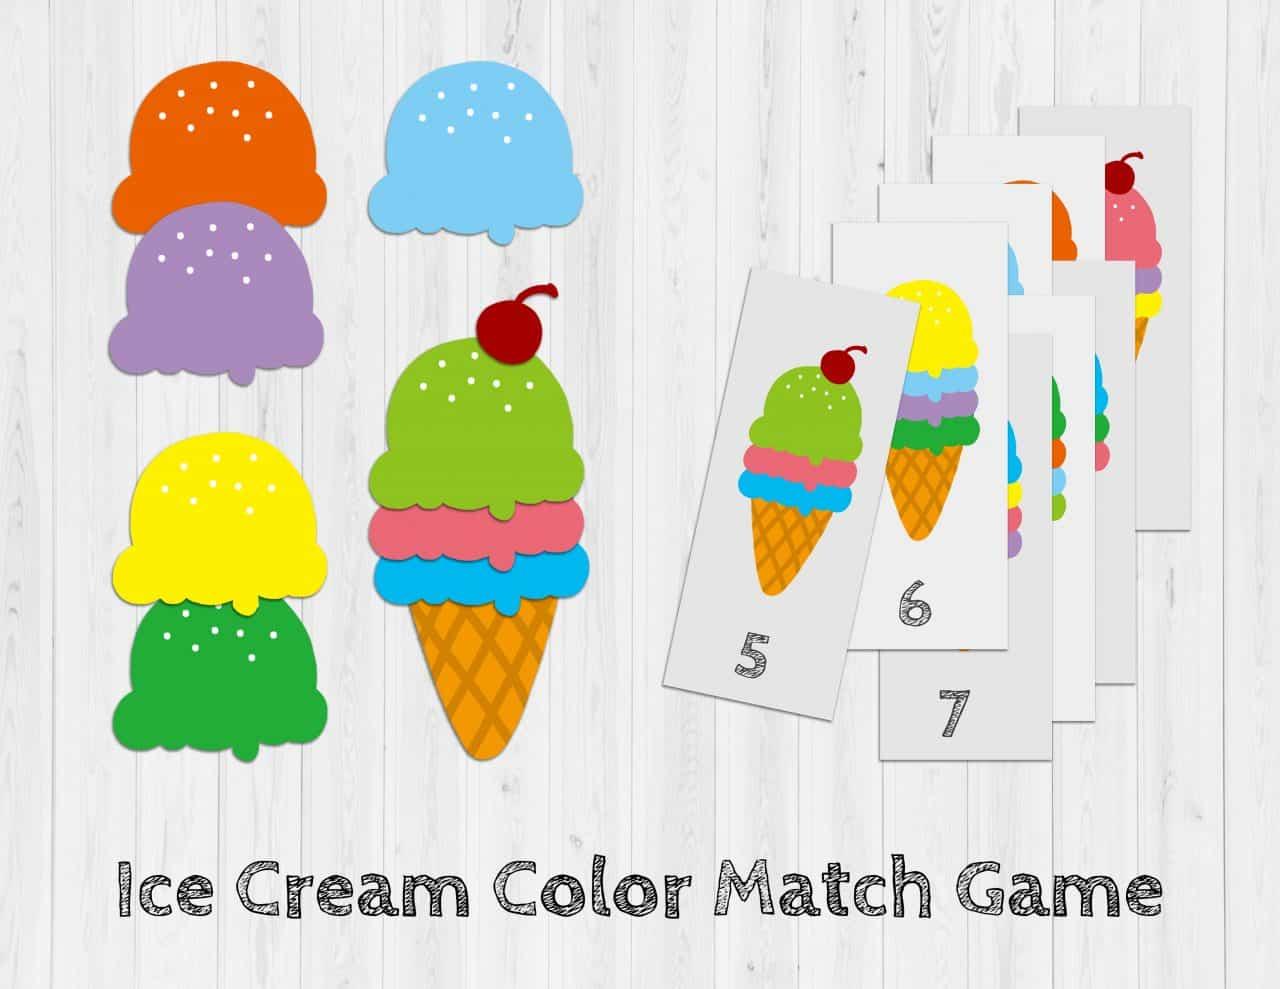 (限時免費下載) 冰淇淋顏色配對遊戲